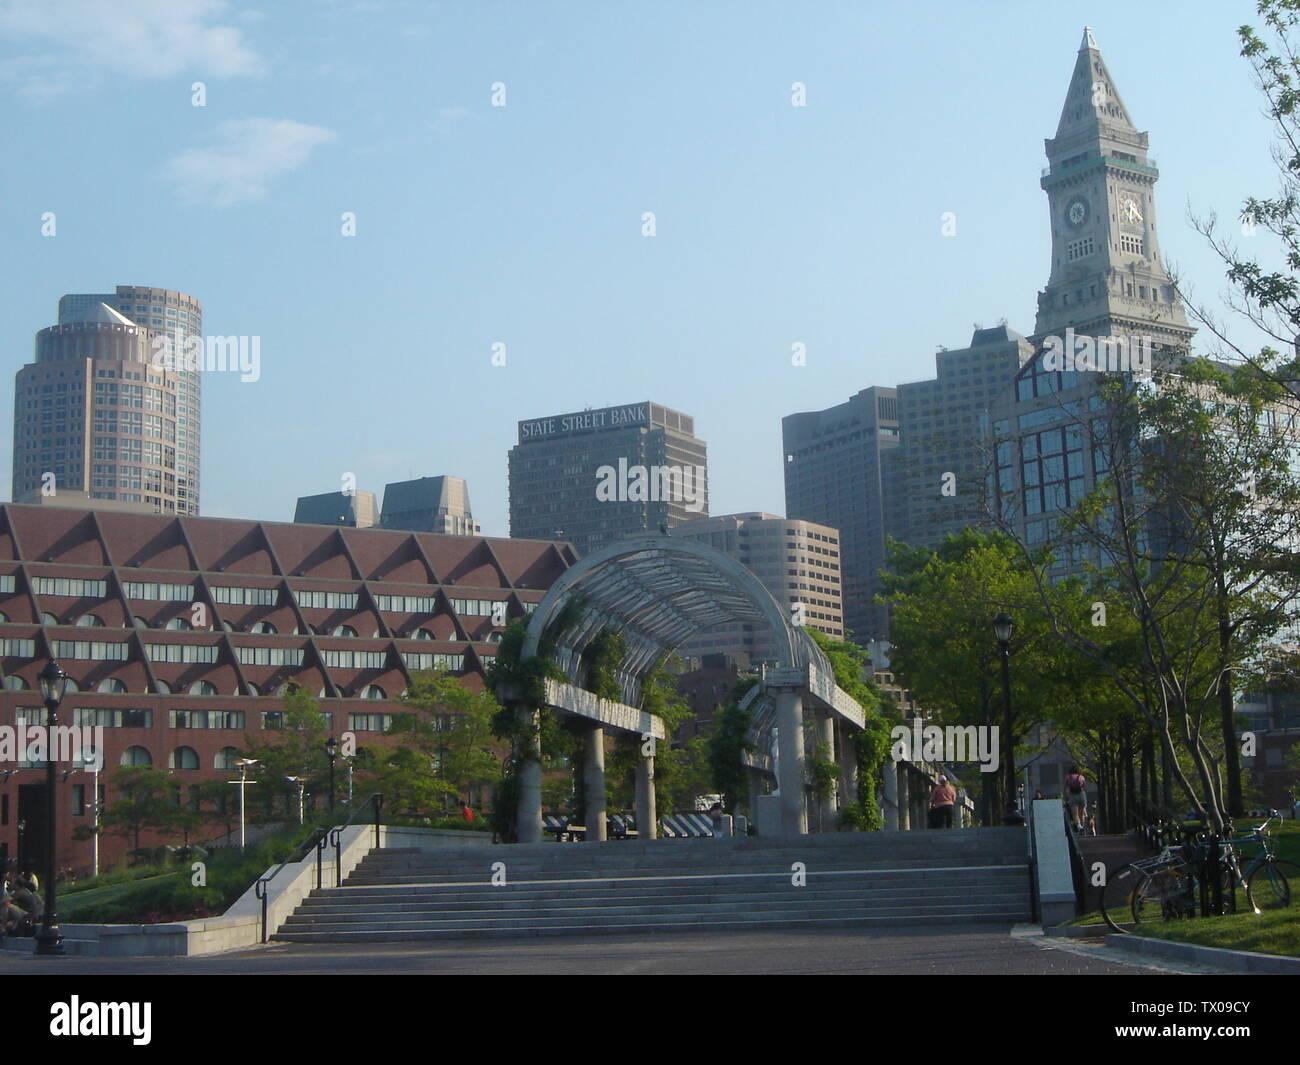 """""""Inglés: centro de Boston como se ve desde un muelle público. Tomada en 2005 por Andru Valpy; 5 de junio de 2005 (según los datos Exif); el propio trabajo por el uploader original; Usuario:Acela2038; ' Imagen De Stock"""